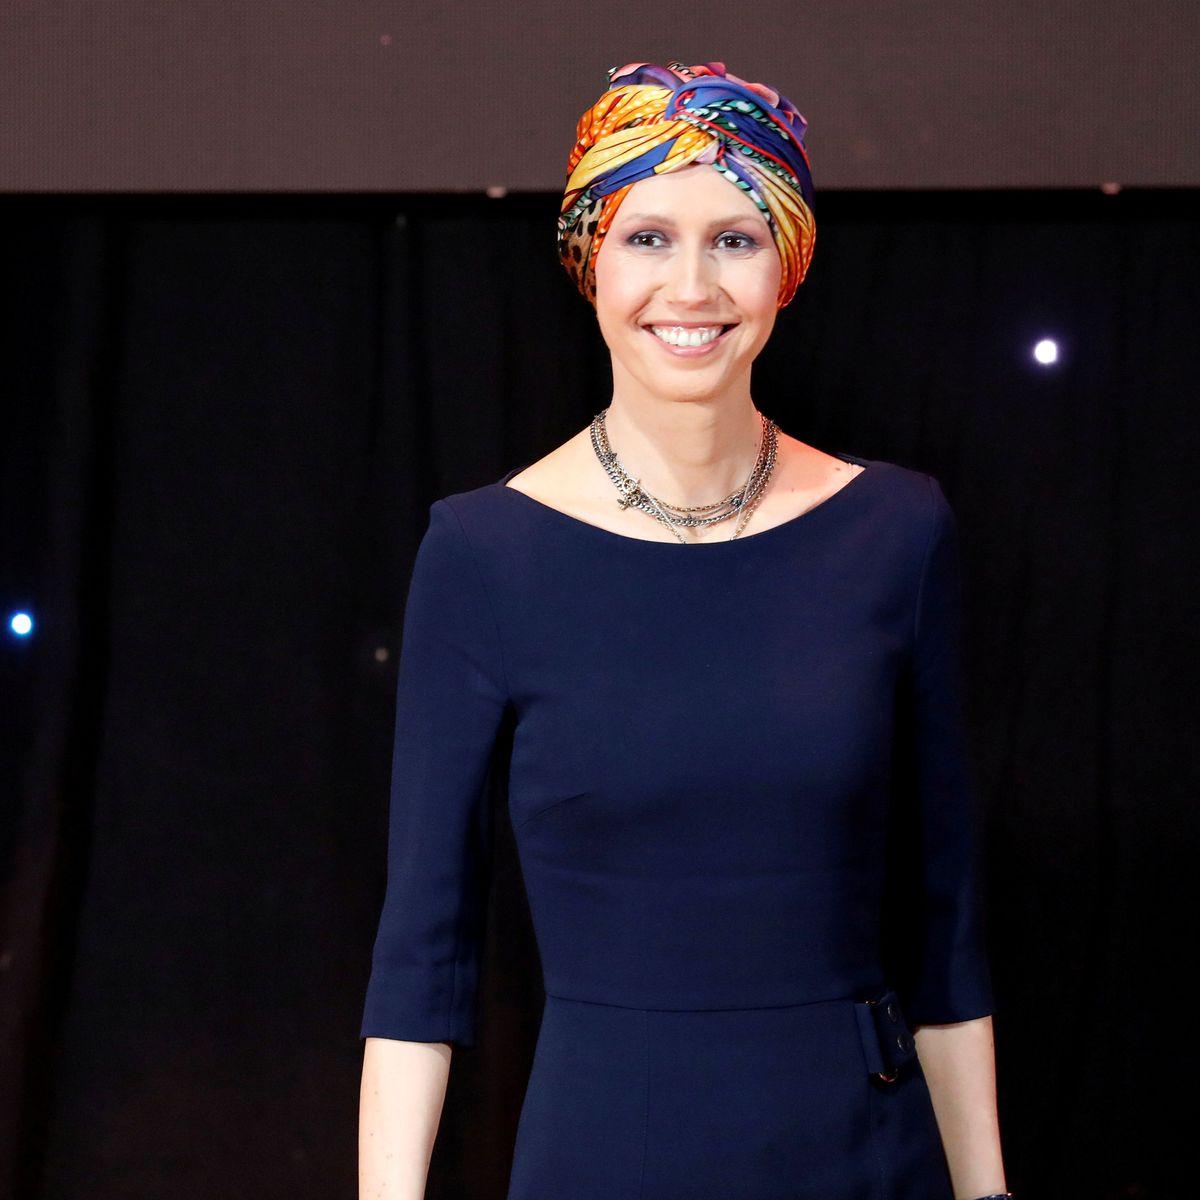 Syrien Ehefrau Von Prasident Baschar Al Assad Von Brustkrebs Geheilt Der Spiegel